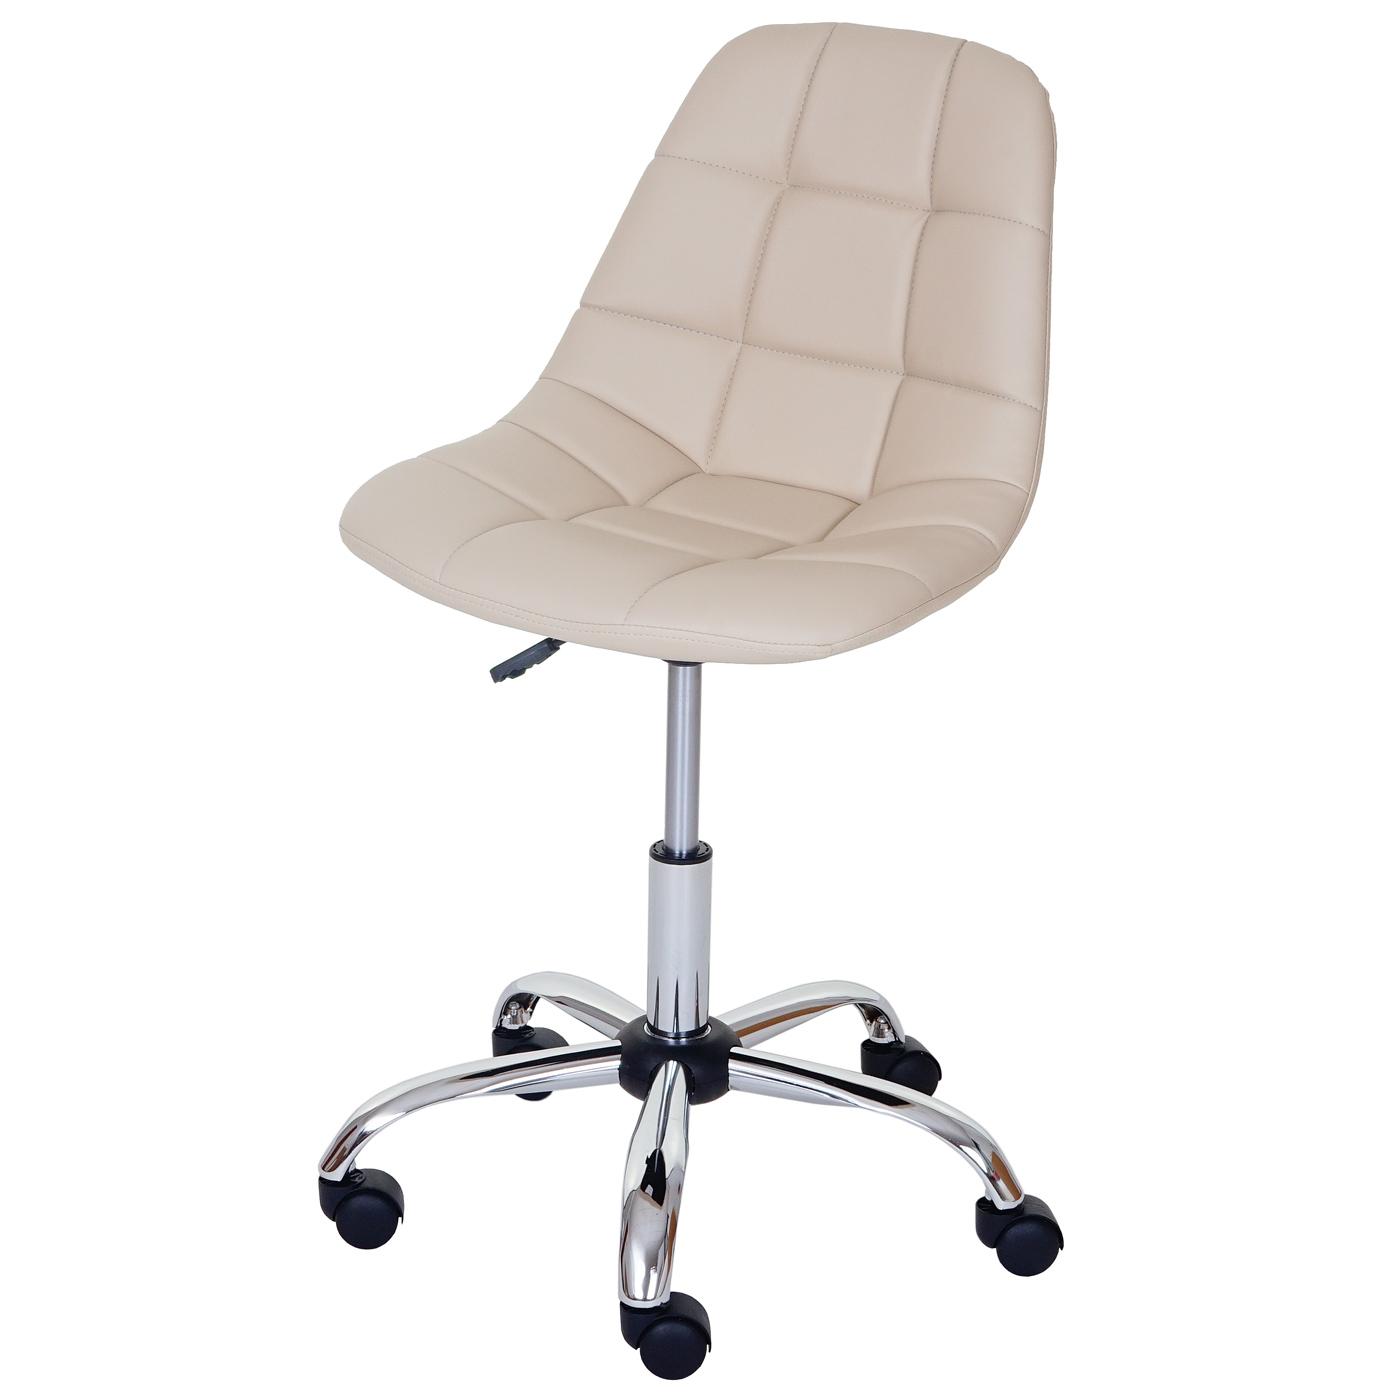 Sedia sgabello ufficio con ruote lier 54x62x80 92 acciaio for Sedia ufficio ruote